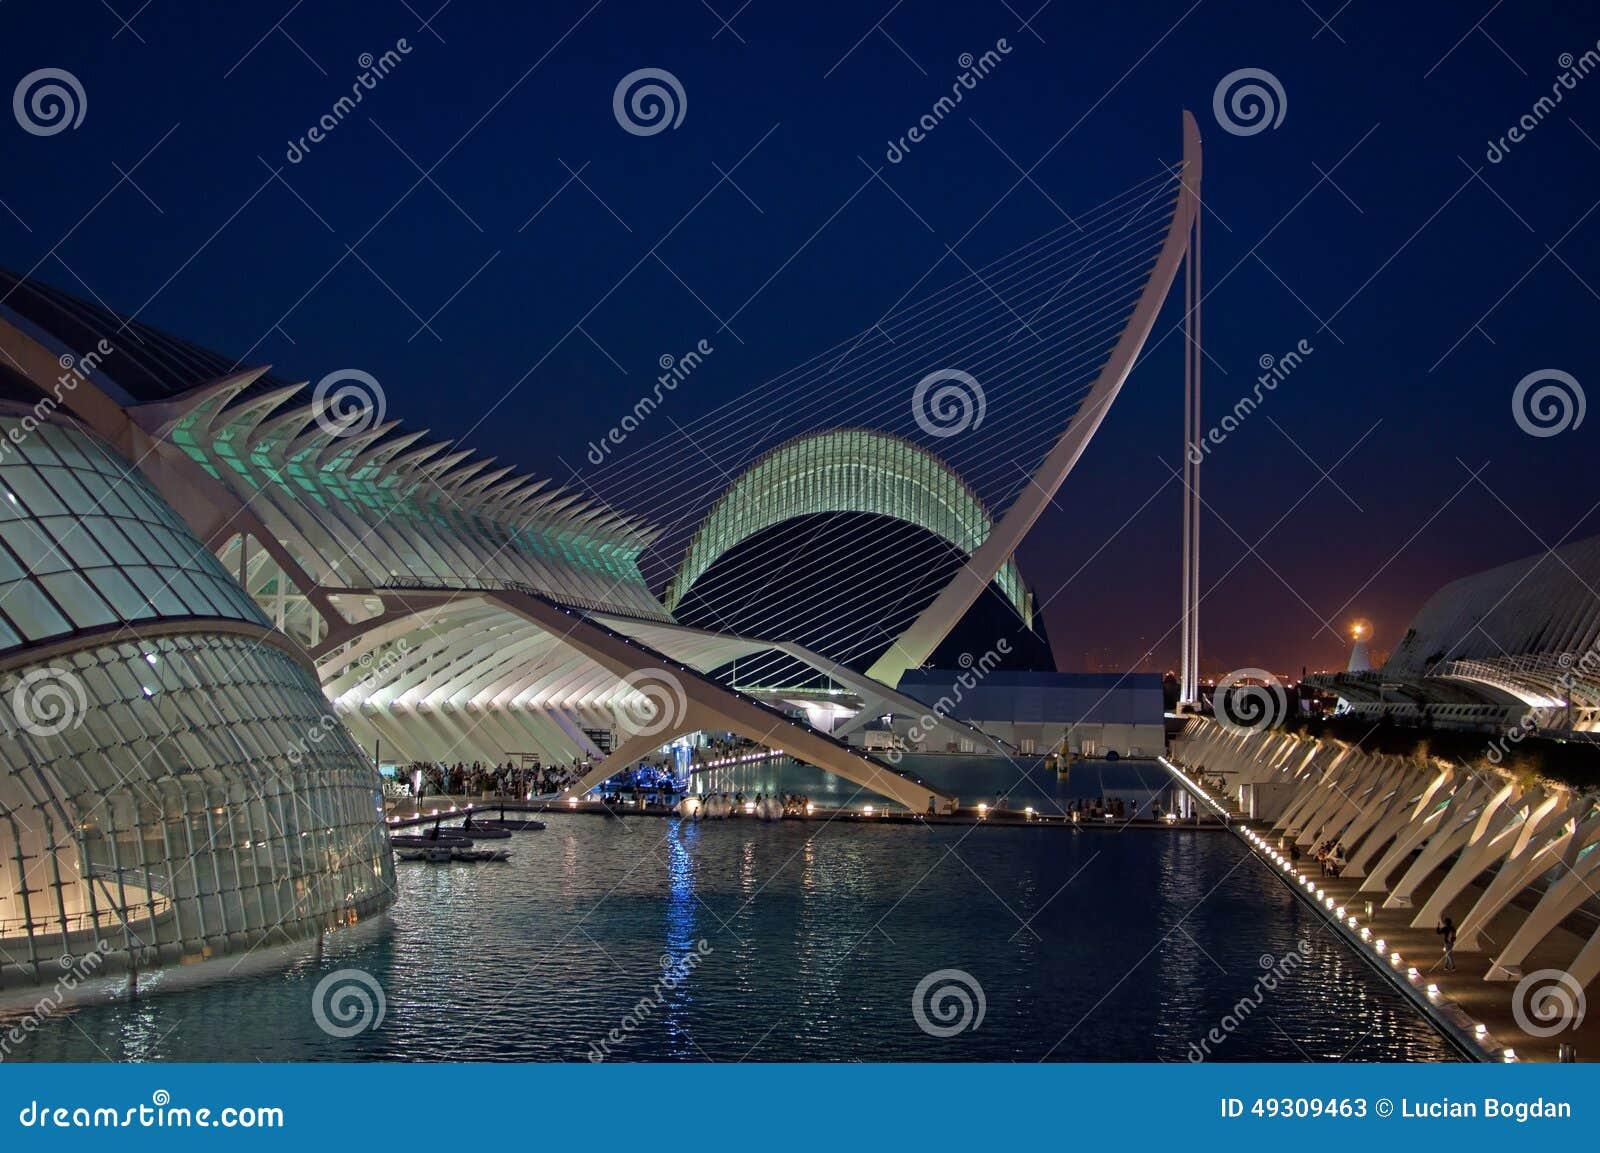 Calatrava Masterpieces in Valencia, Spain